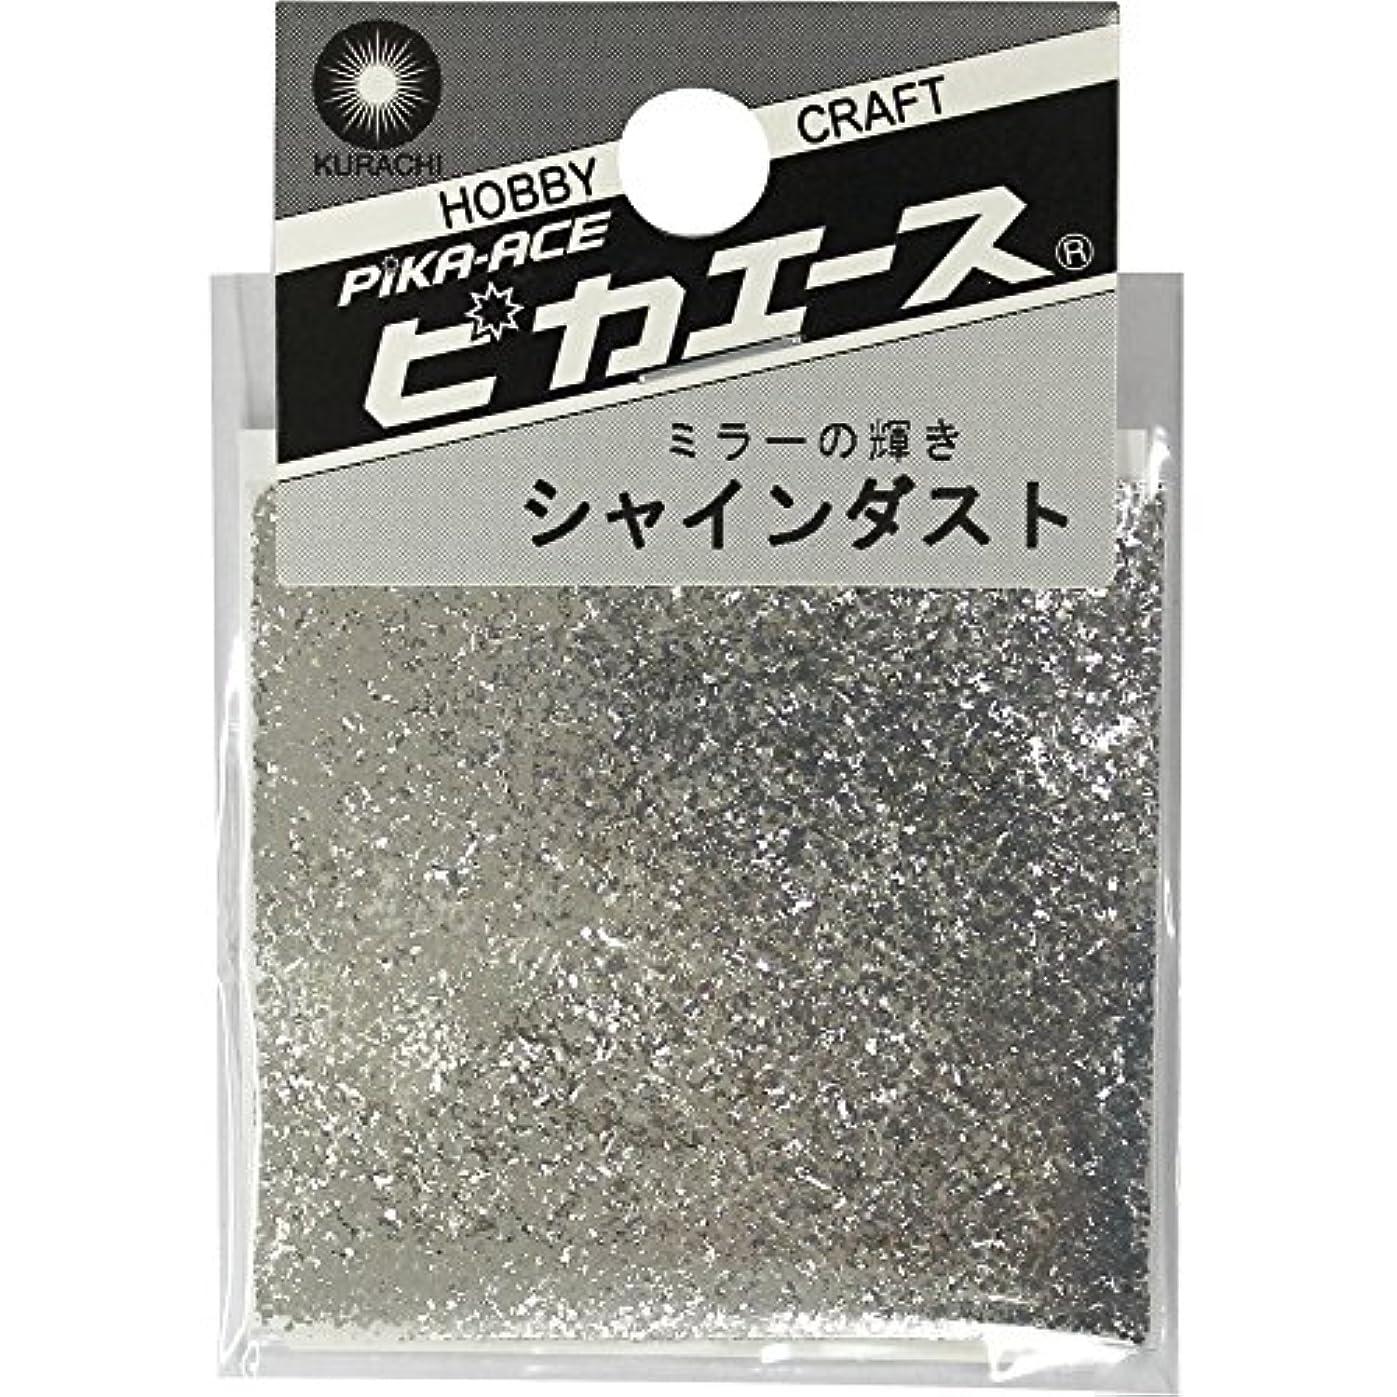 フィッティング温度高音ピカエース ネイル用パウダー ピカエース シャインダスト L #480 ミラーシルバー 0.5g アート材